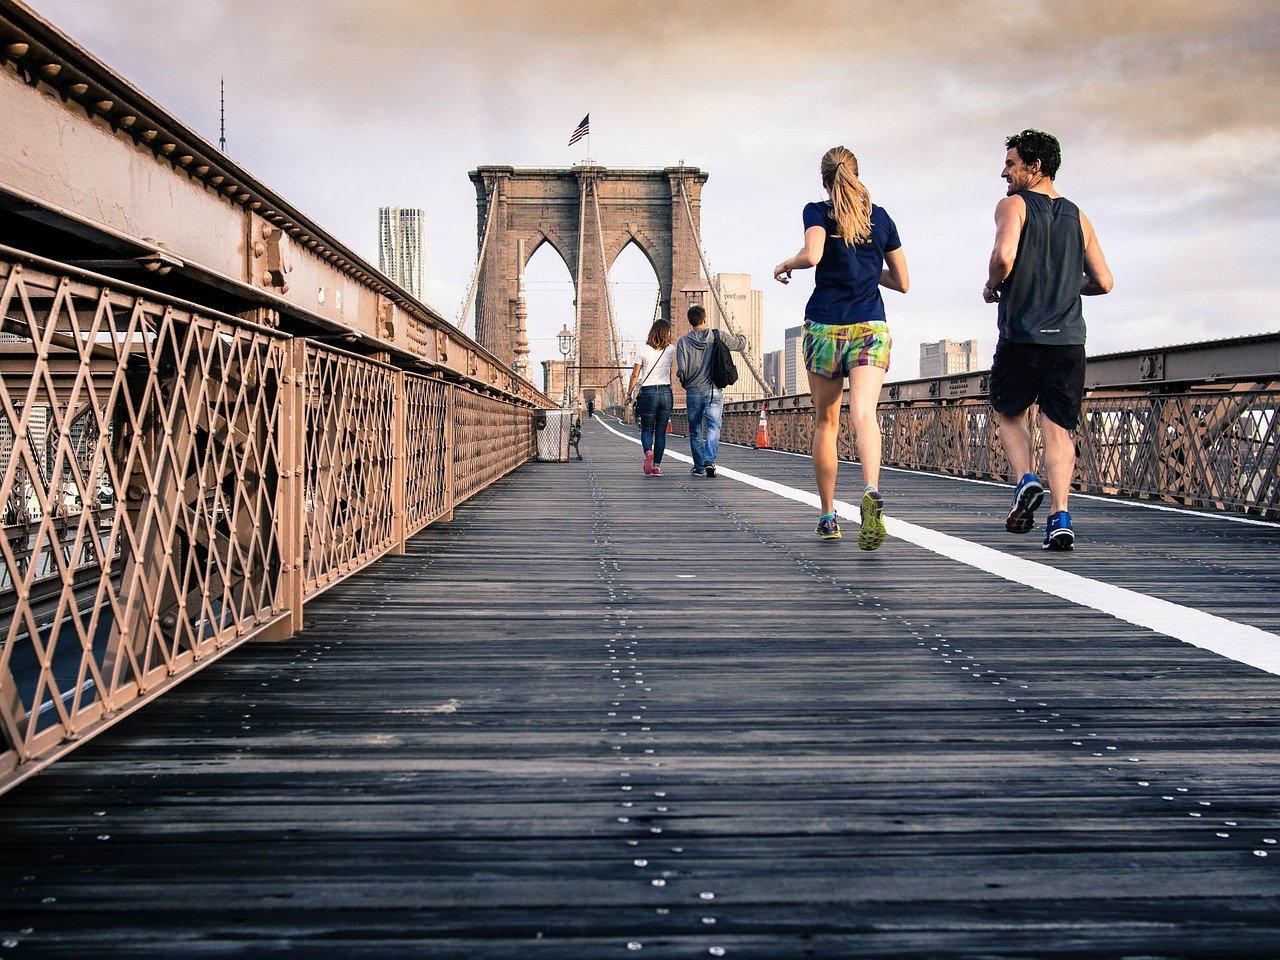 deux personnes qui font du sport pour éliminer la cellulite